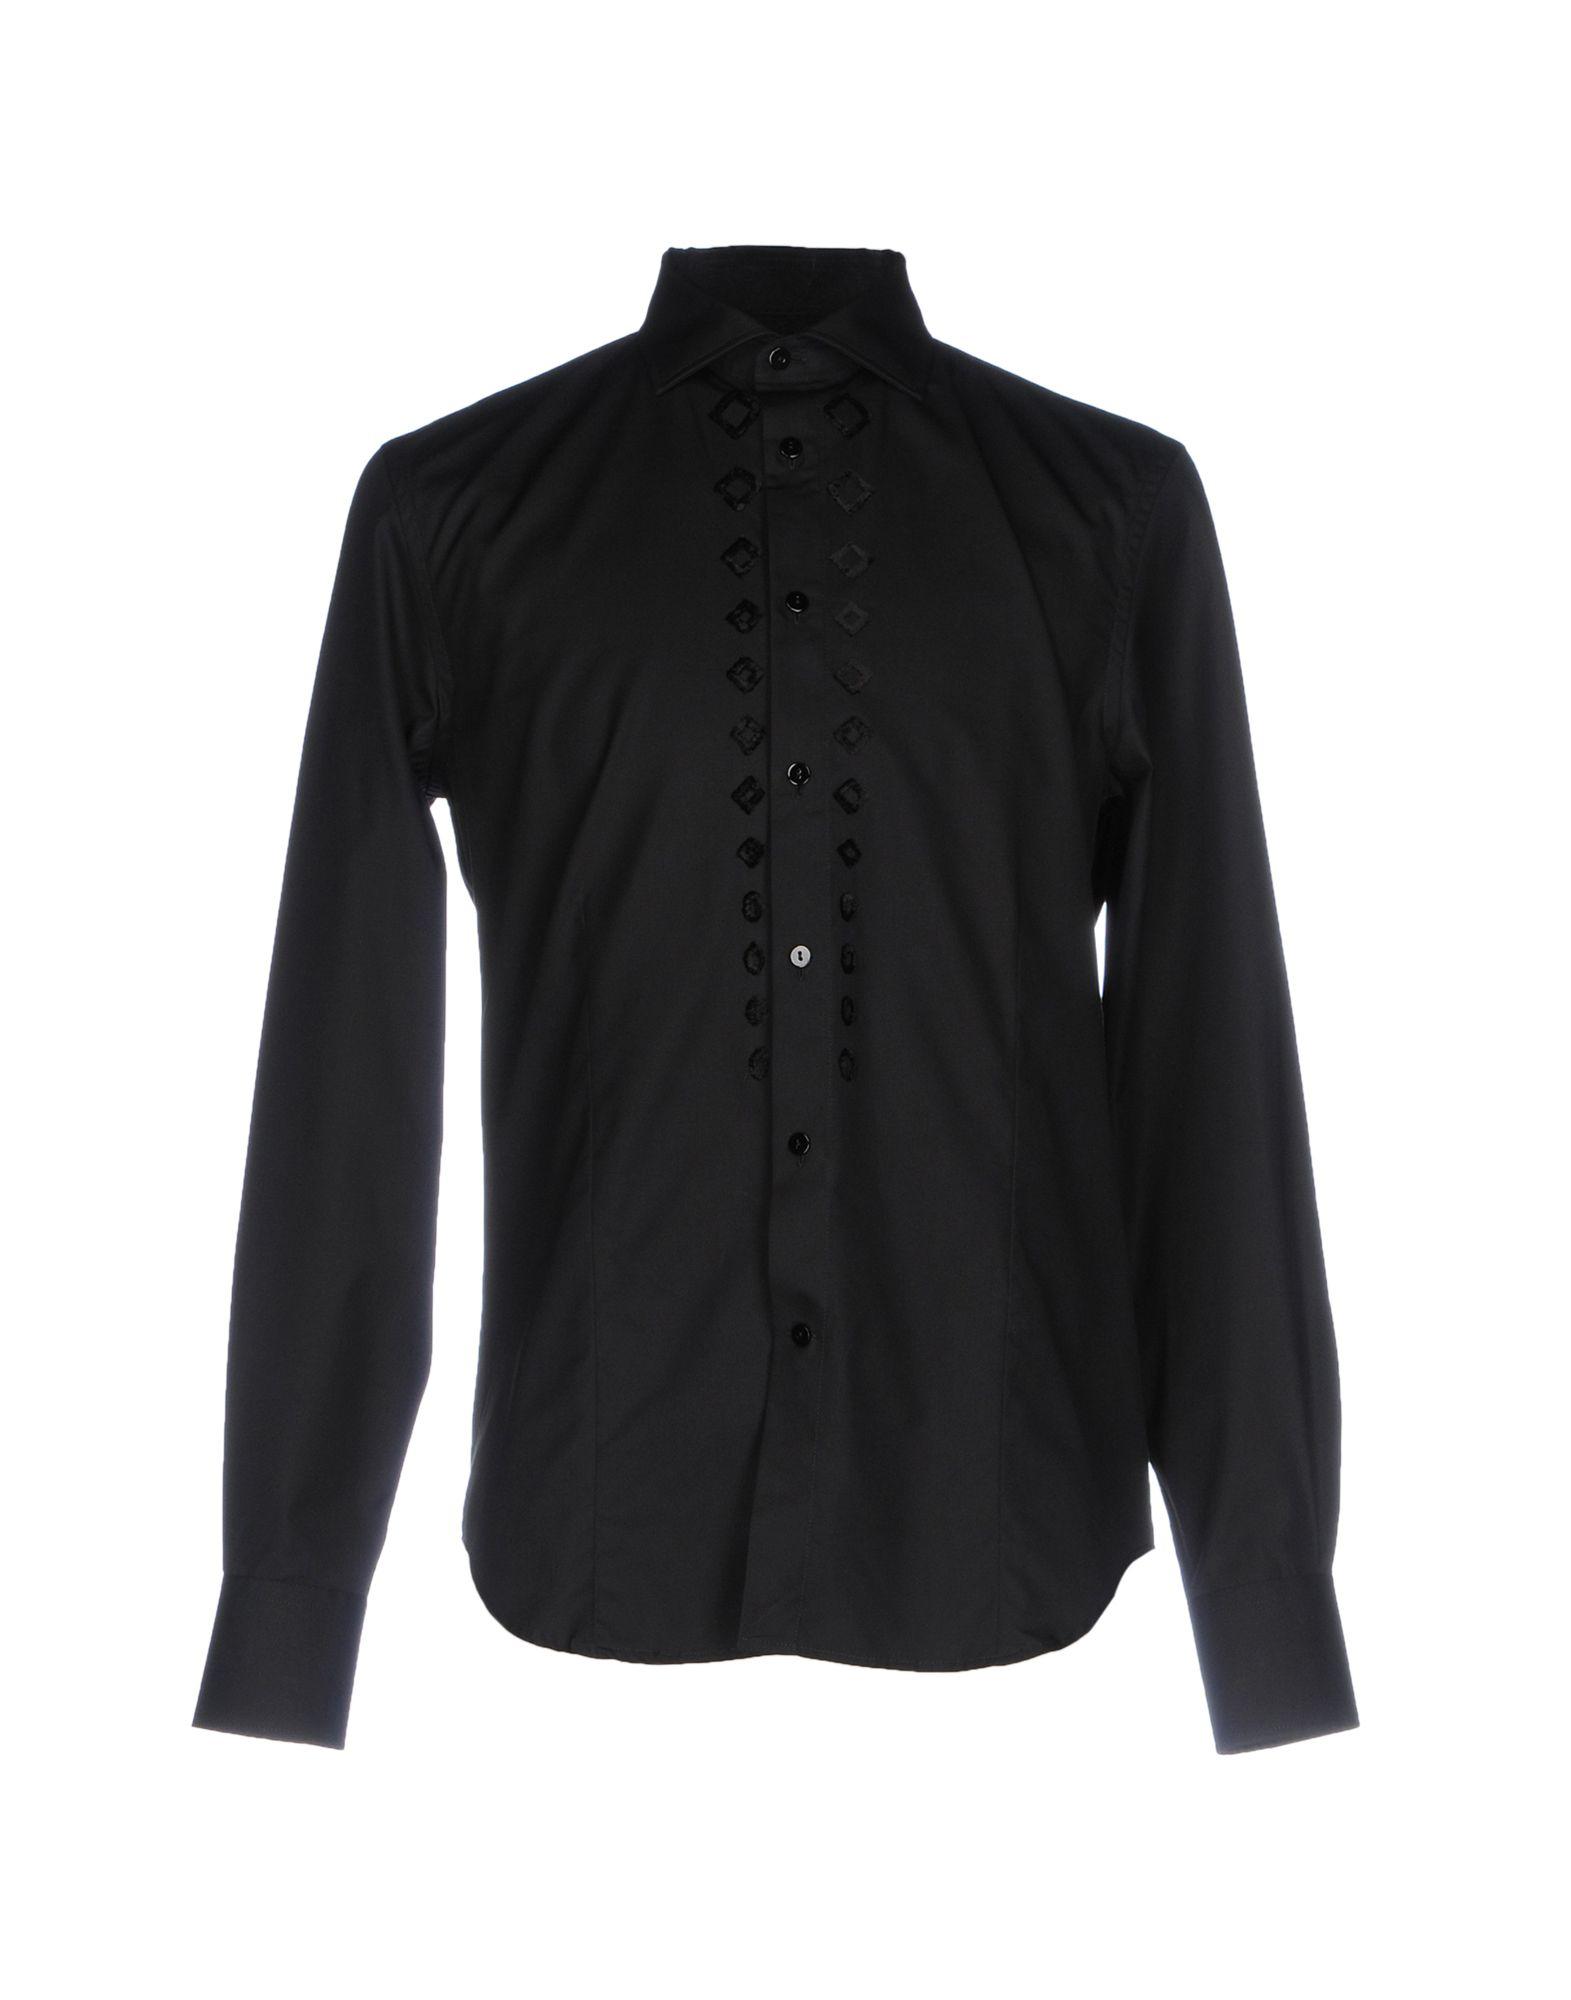 ERMANNO SCERVINO Herren Hemd Farbe Schwarz Größe 4